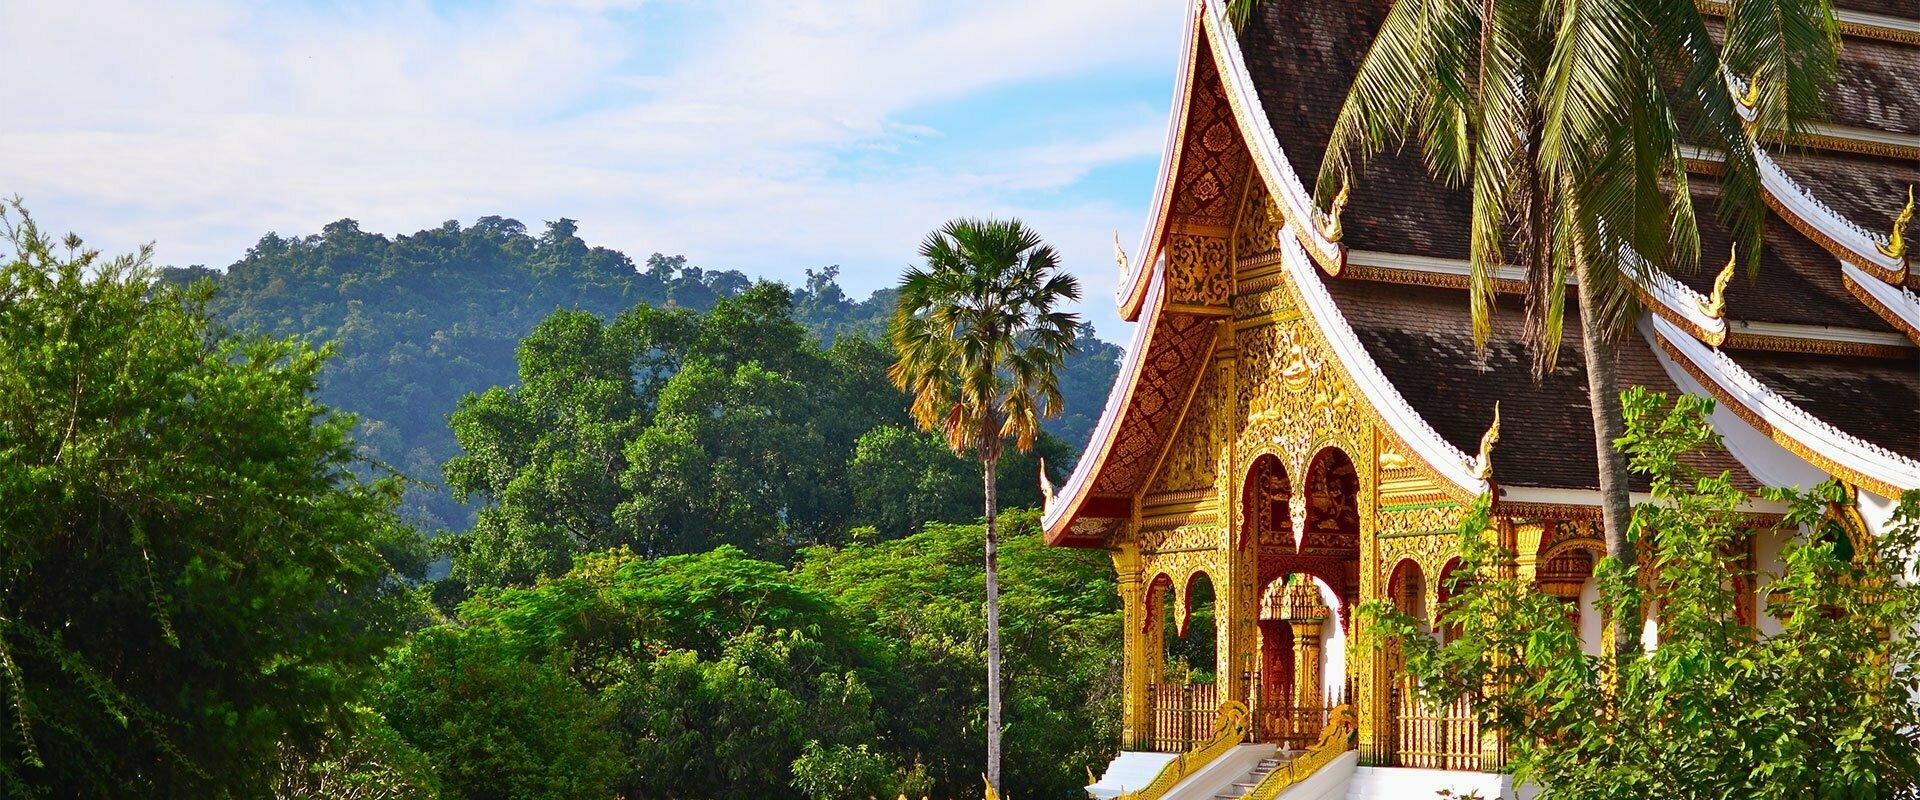 Naturels et Authentiques Vietnam et Laos 18 jours